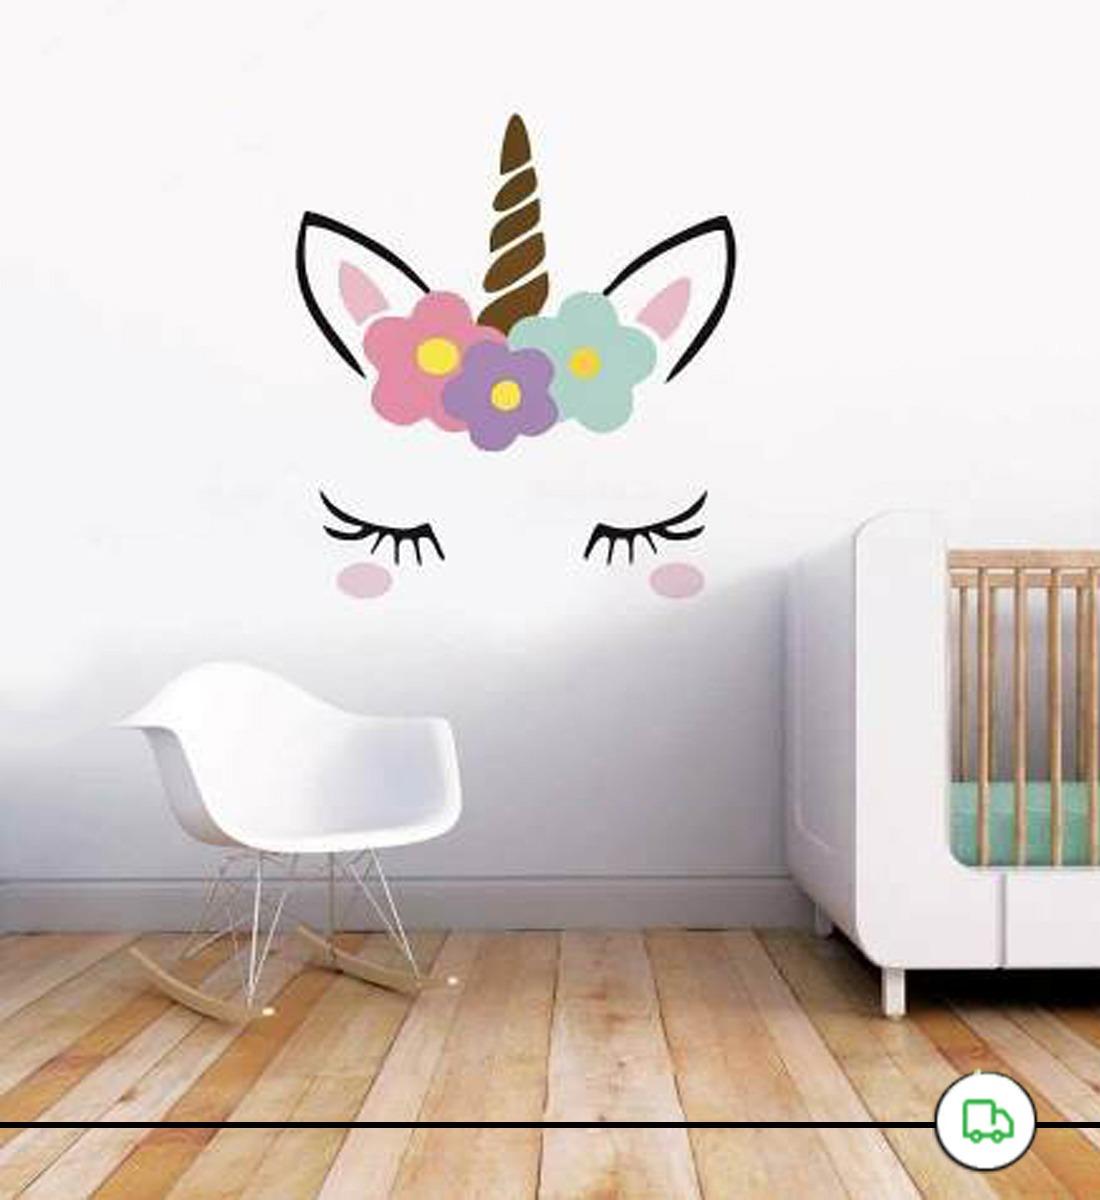 adesivo de parede unicornio tumblr floral cilios blush r 42 00 em